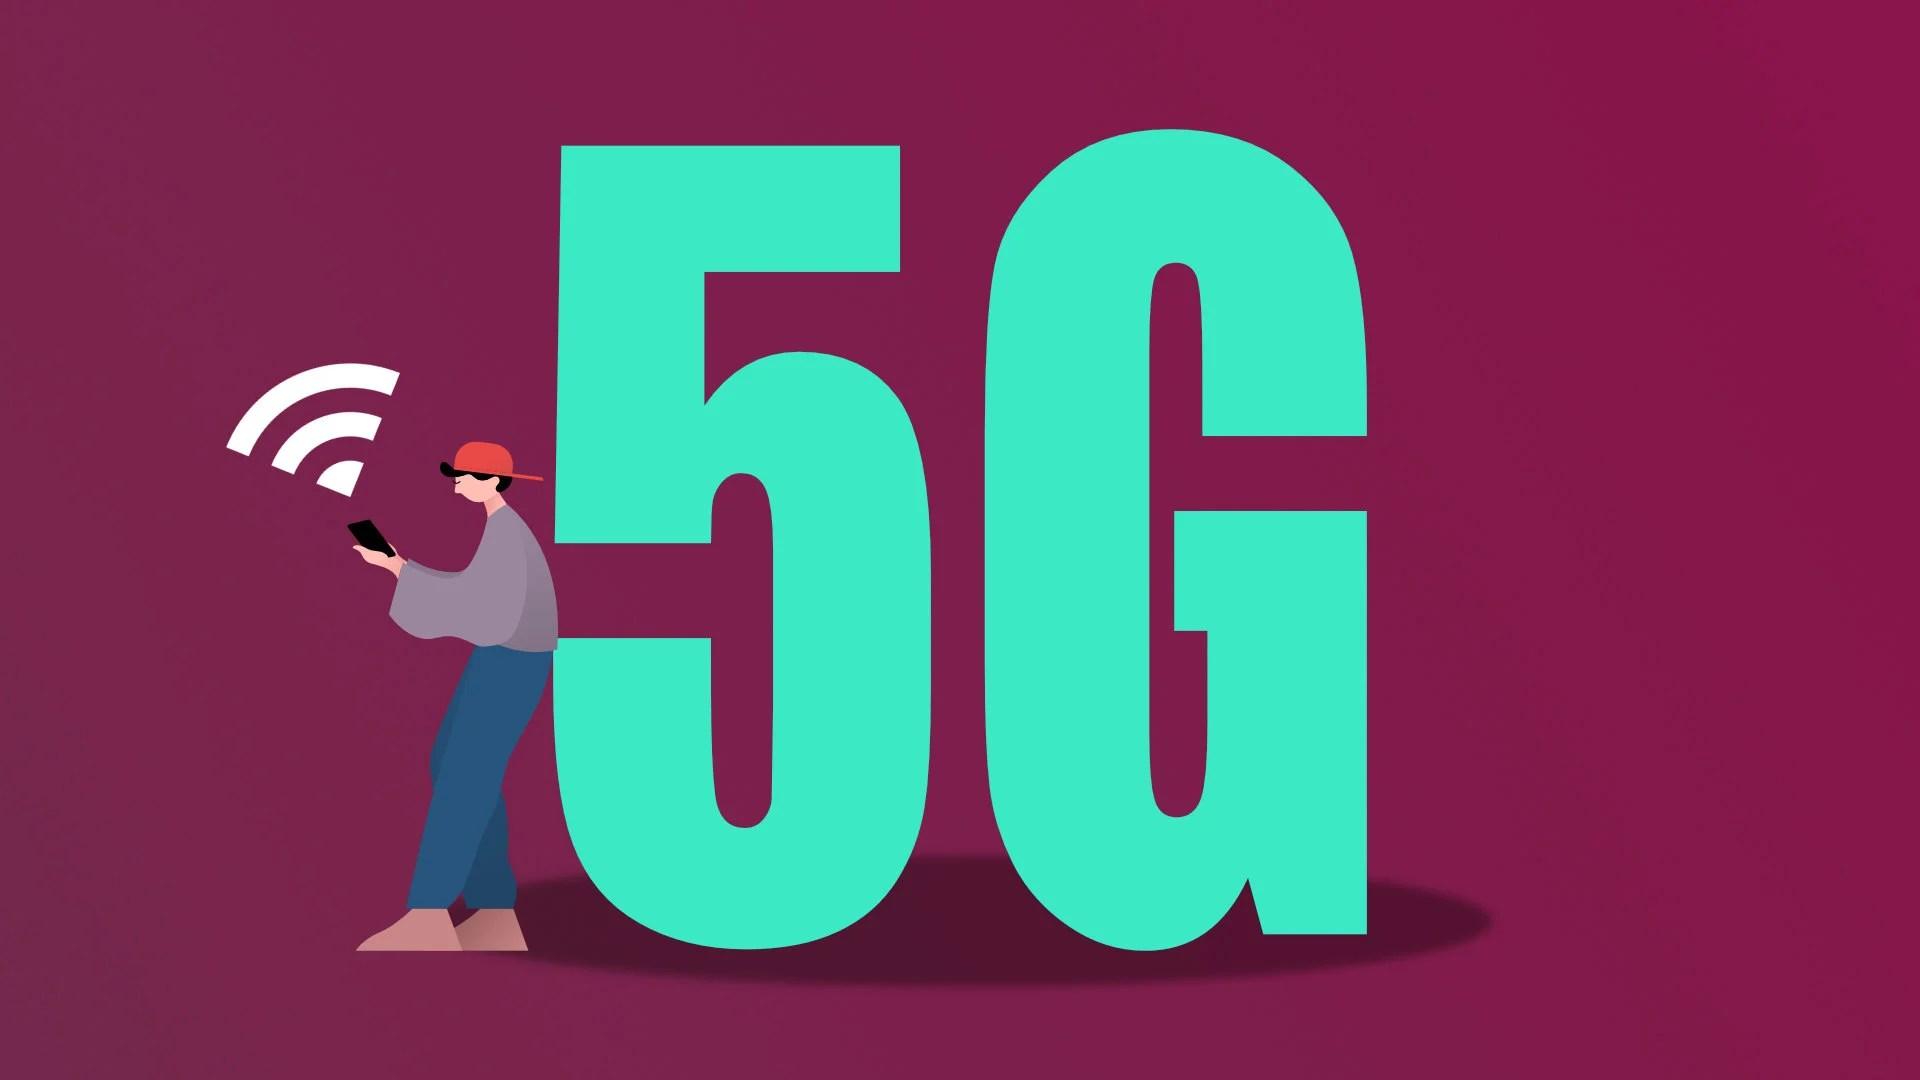 La 5G chez Free, la 5G sur les iPhone 12 et PlayStation Direct en Europe – Tech'spresso